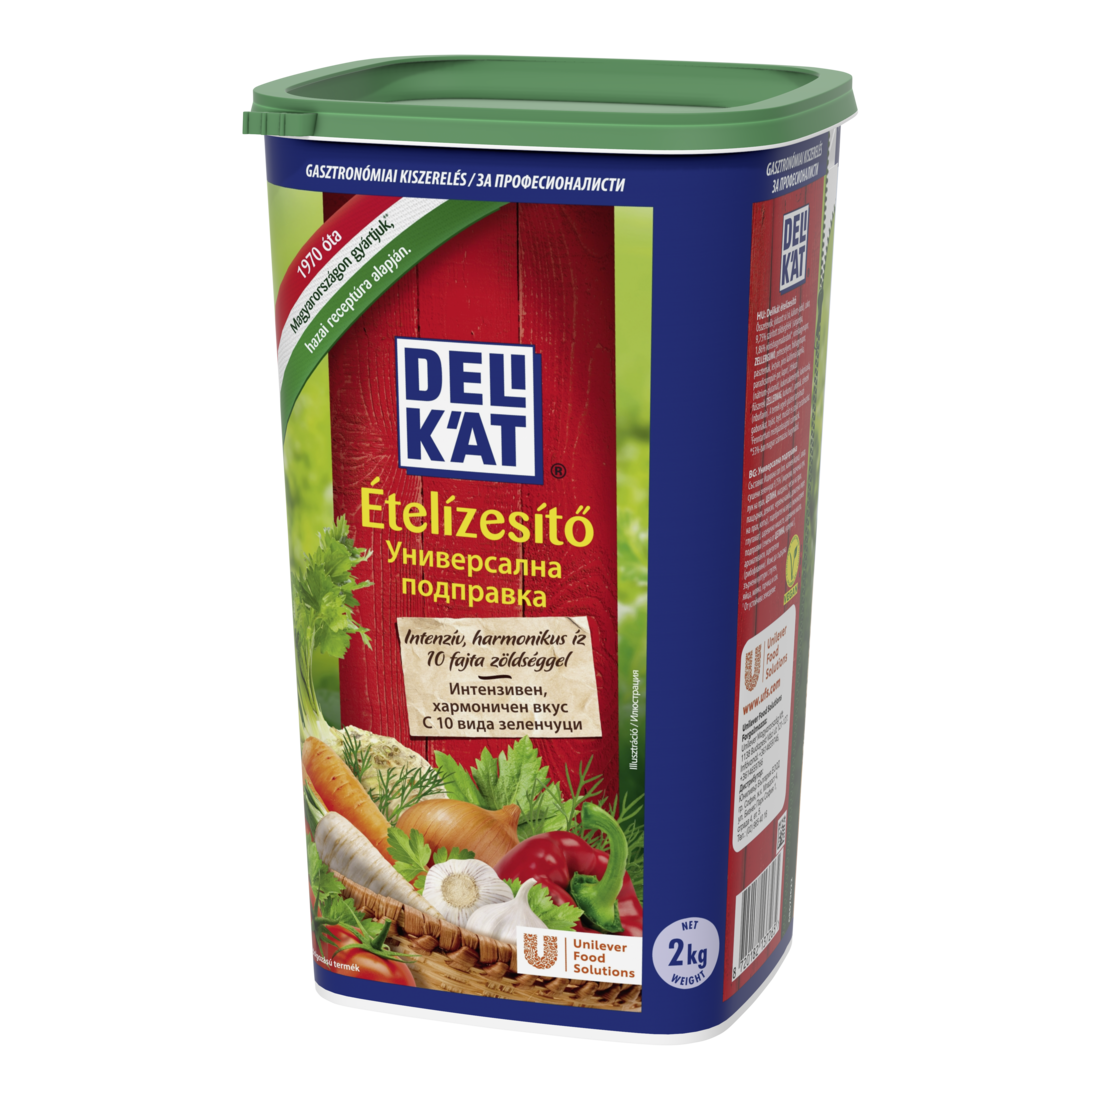 DELIKÁT Ételízesítő 2kg -